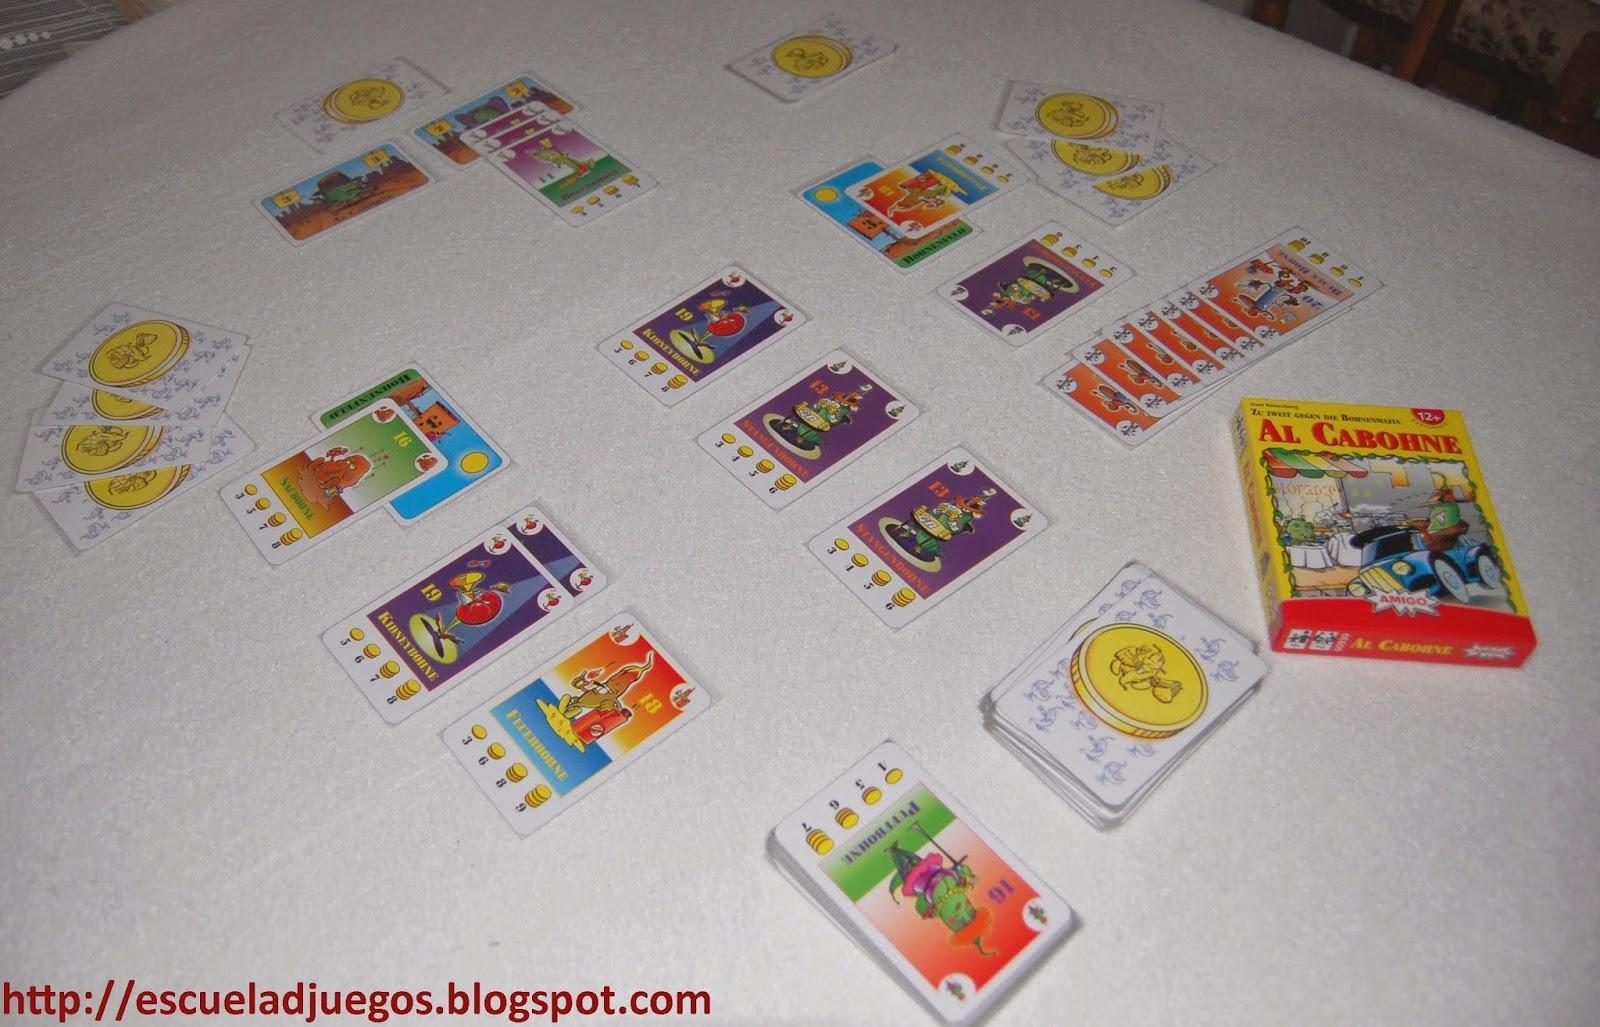 Reseña de Al Cabohne, juego de cartas de Uwe Rosenberg editado por Amigo para 1 o 2 jugadores